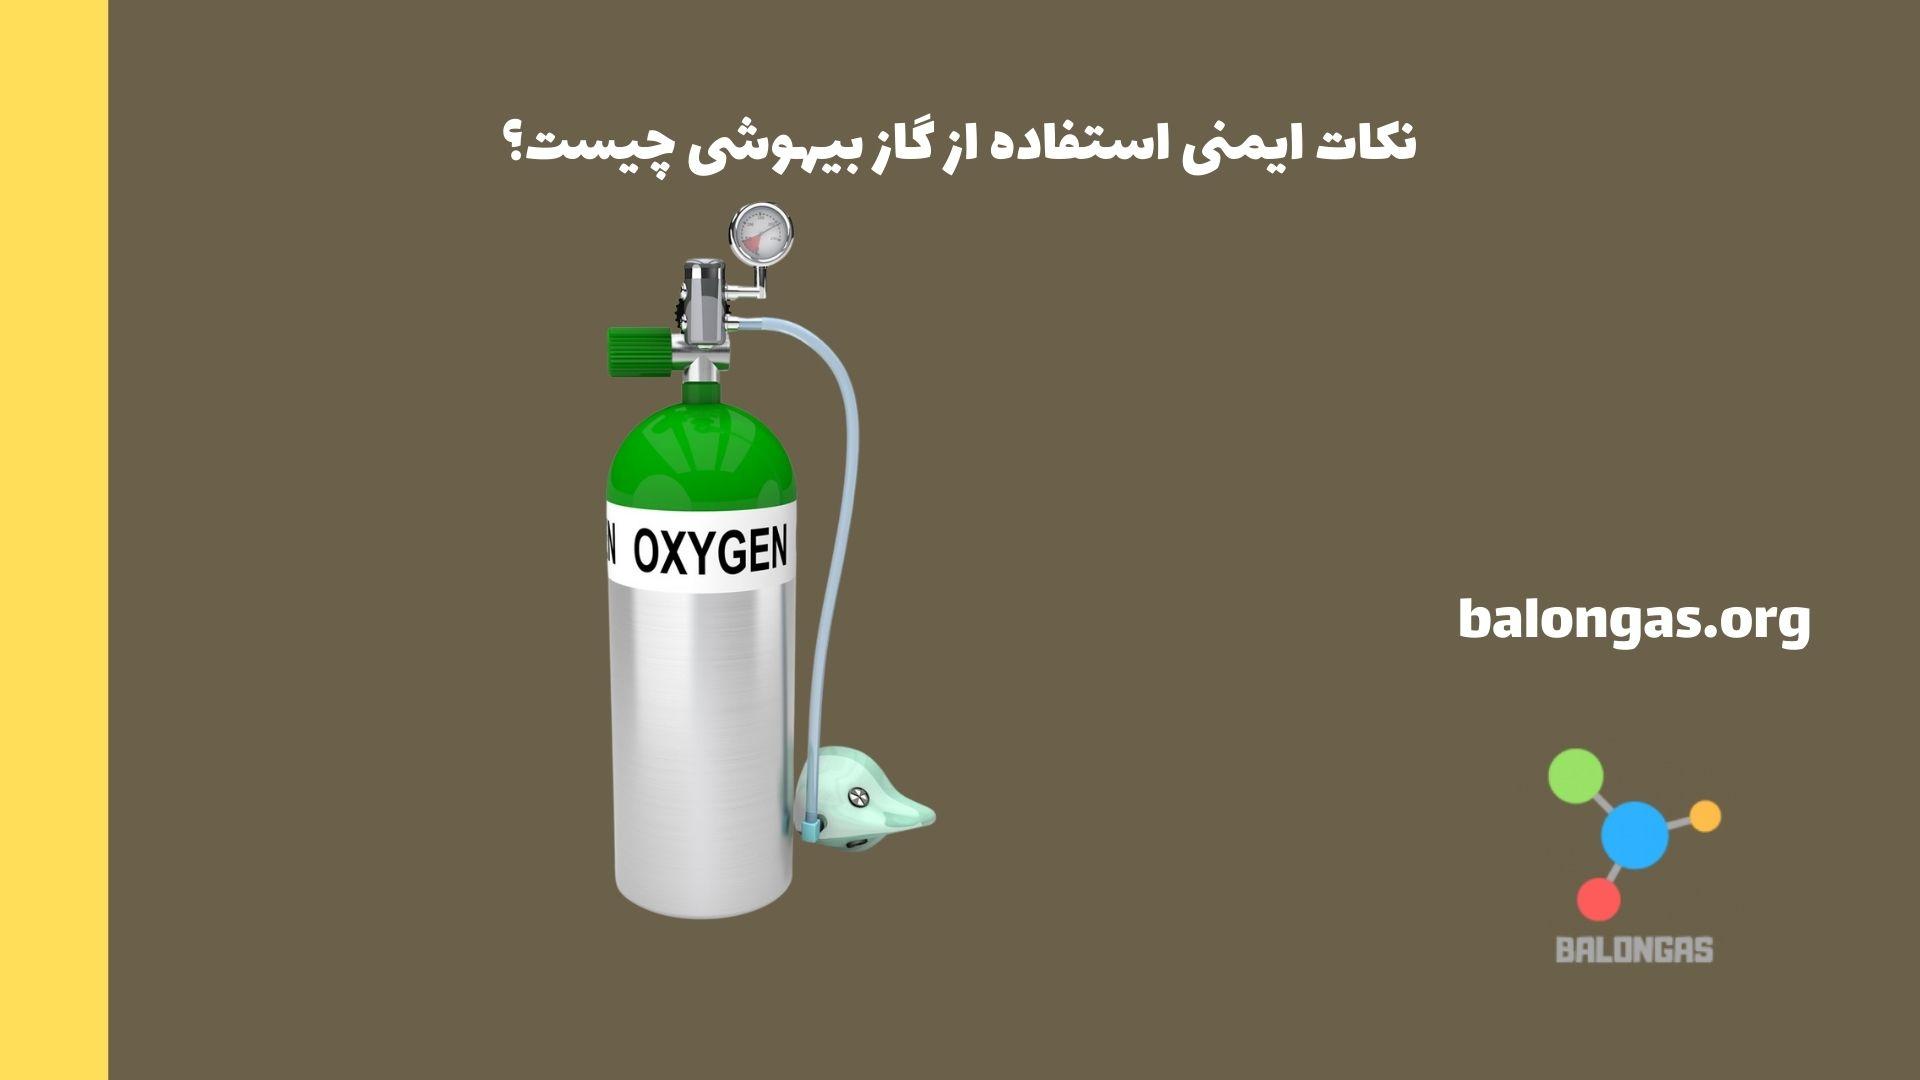 نکات ایمنی استفاده از گاز بیهوشی چیست؟